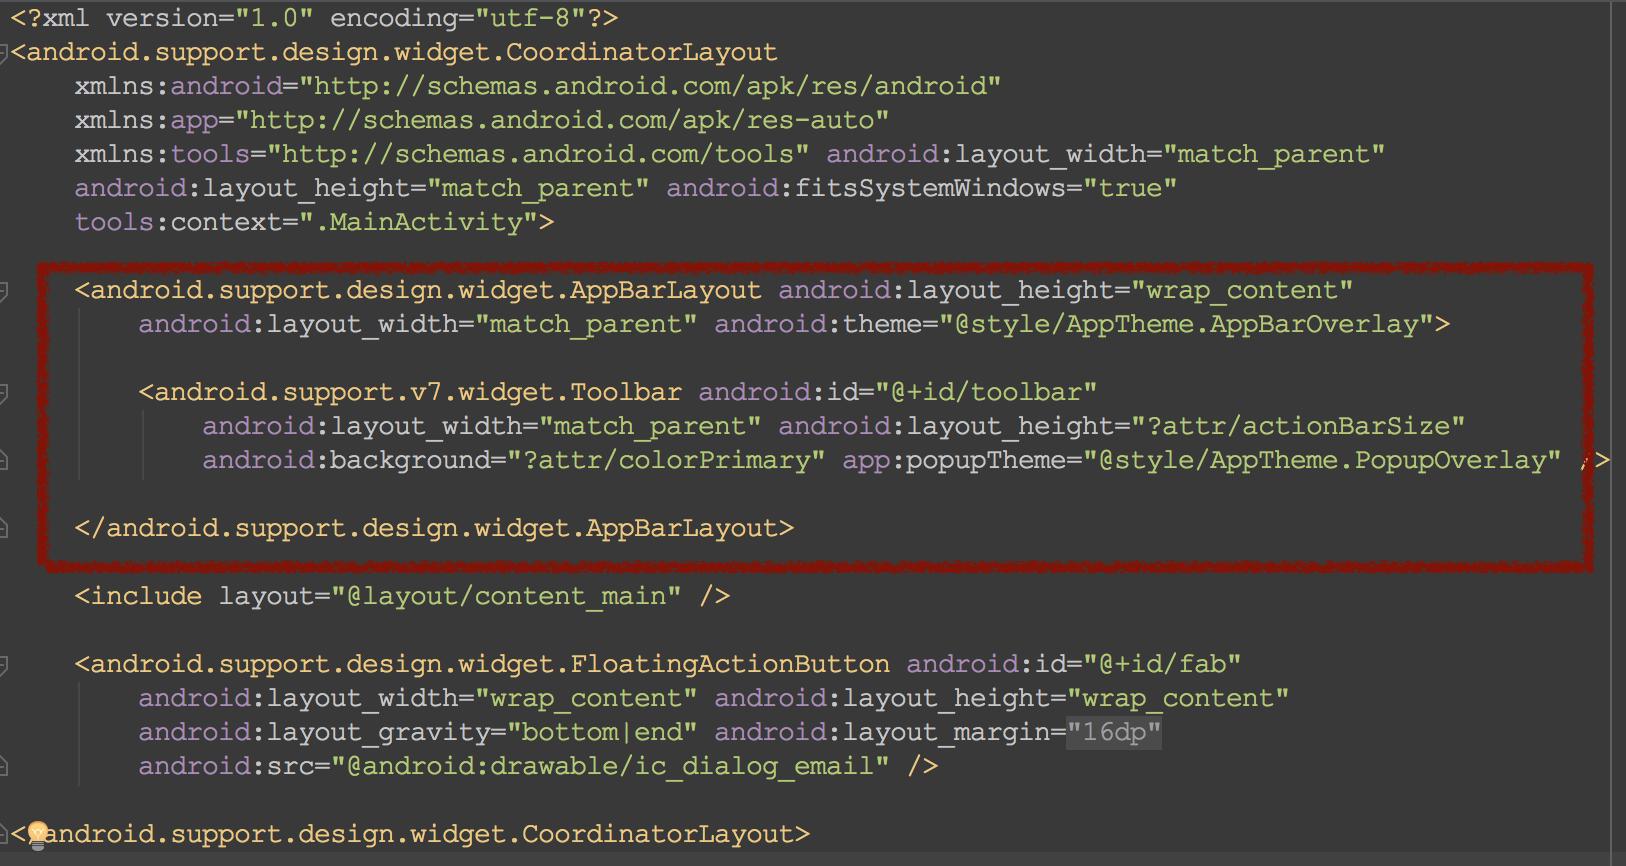 MainActivity layout xml